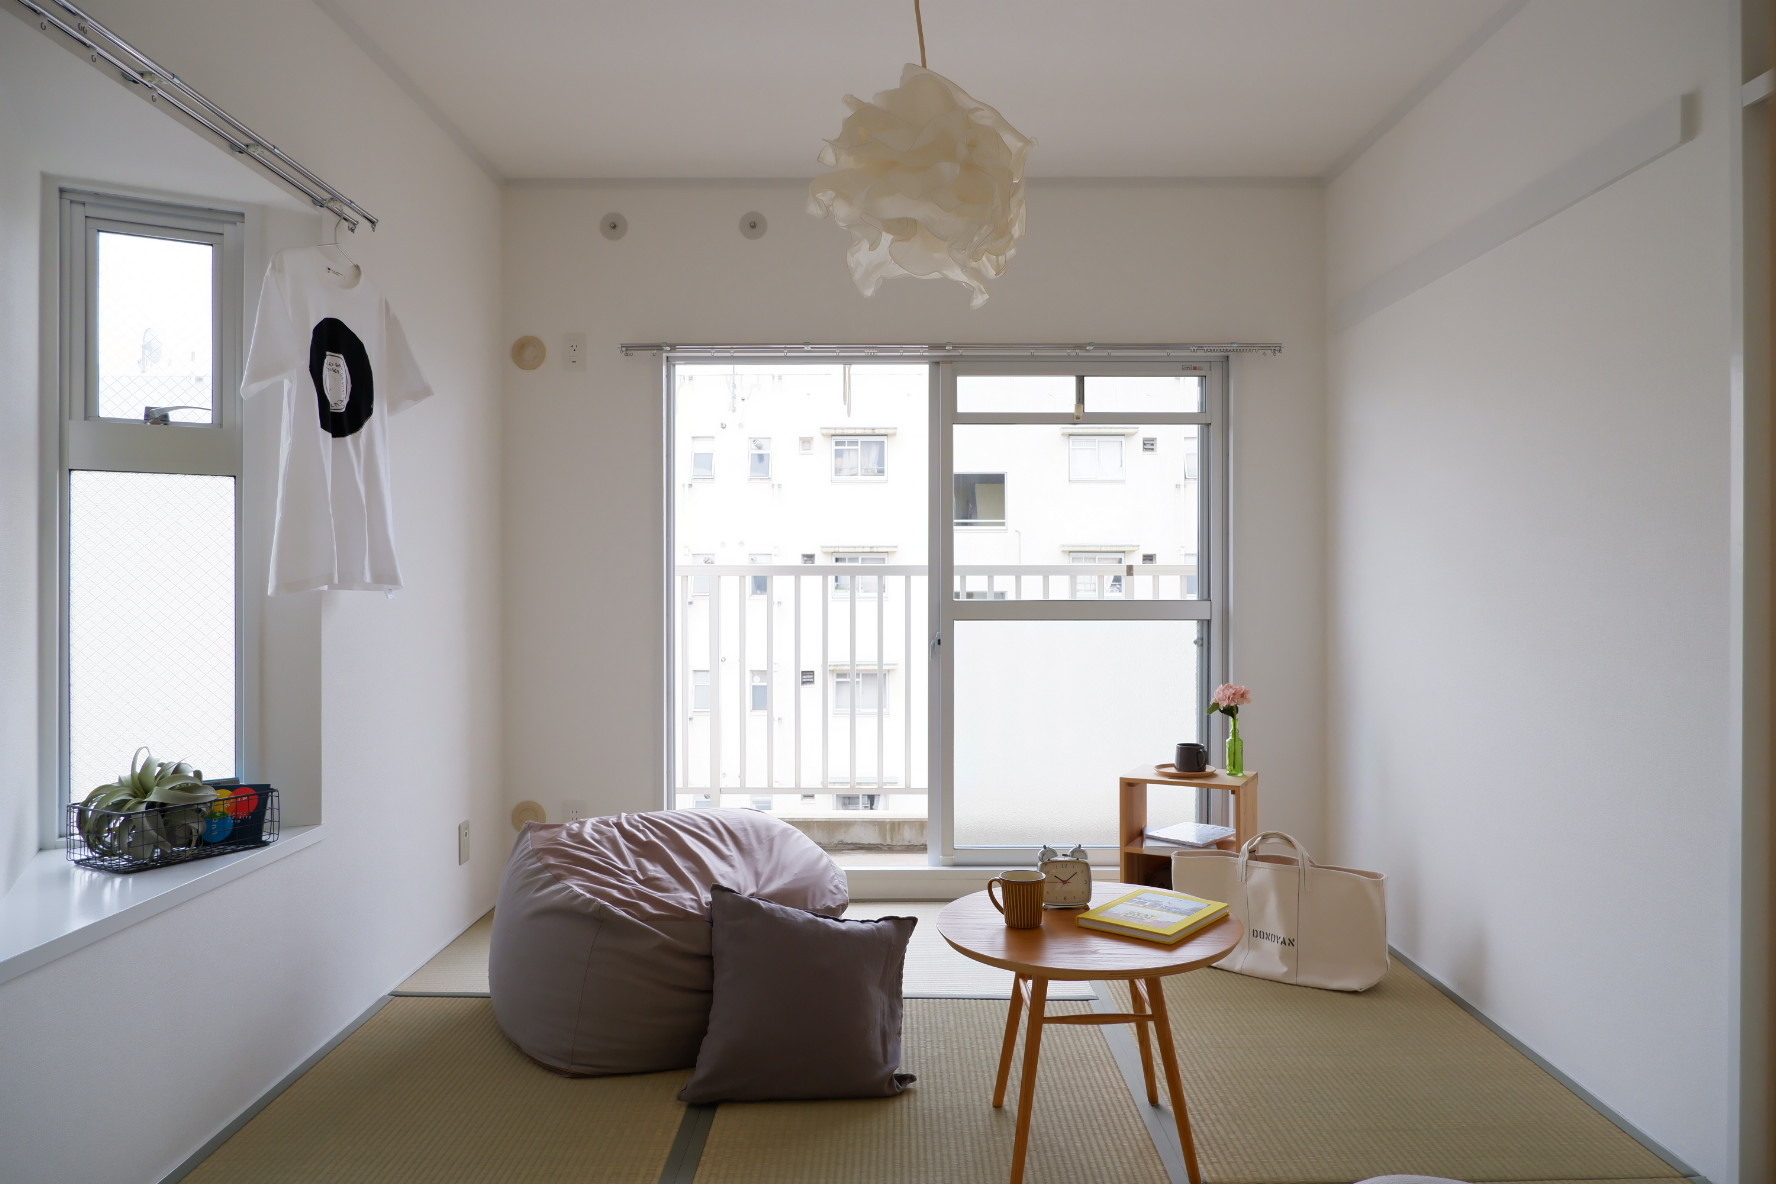 ほっこり寛げる和室もこの明るさ。とてもいいですね。